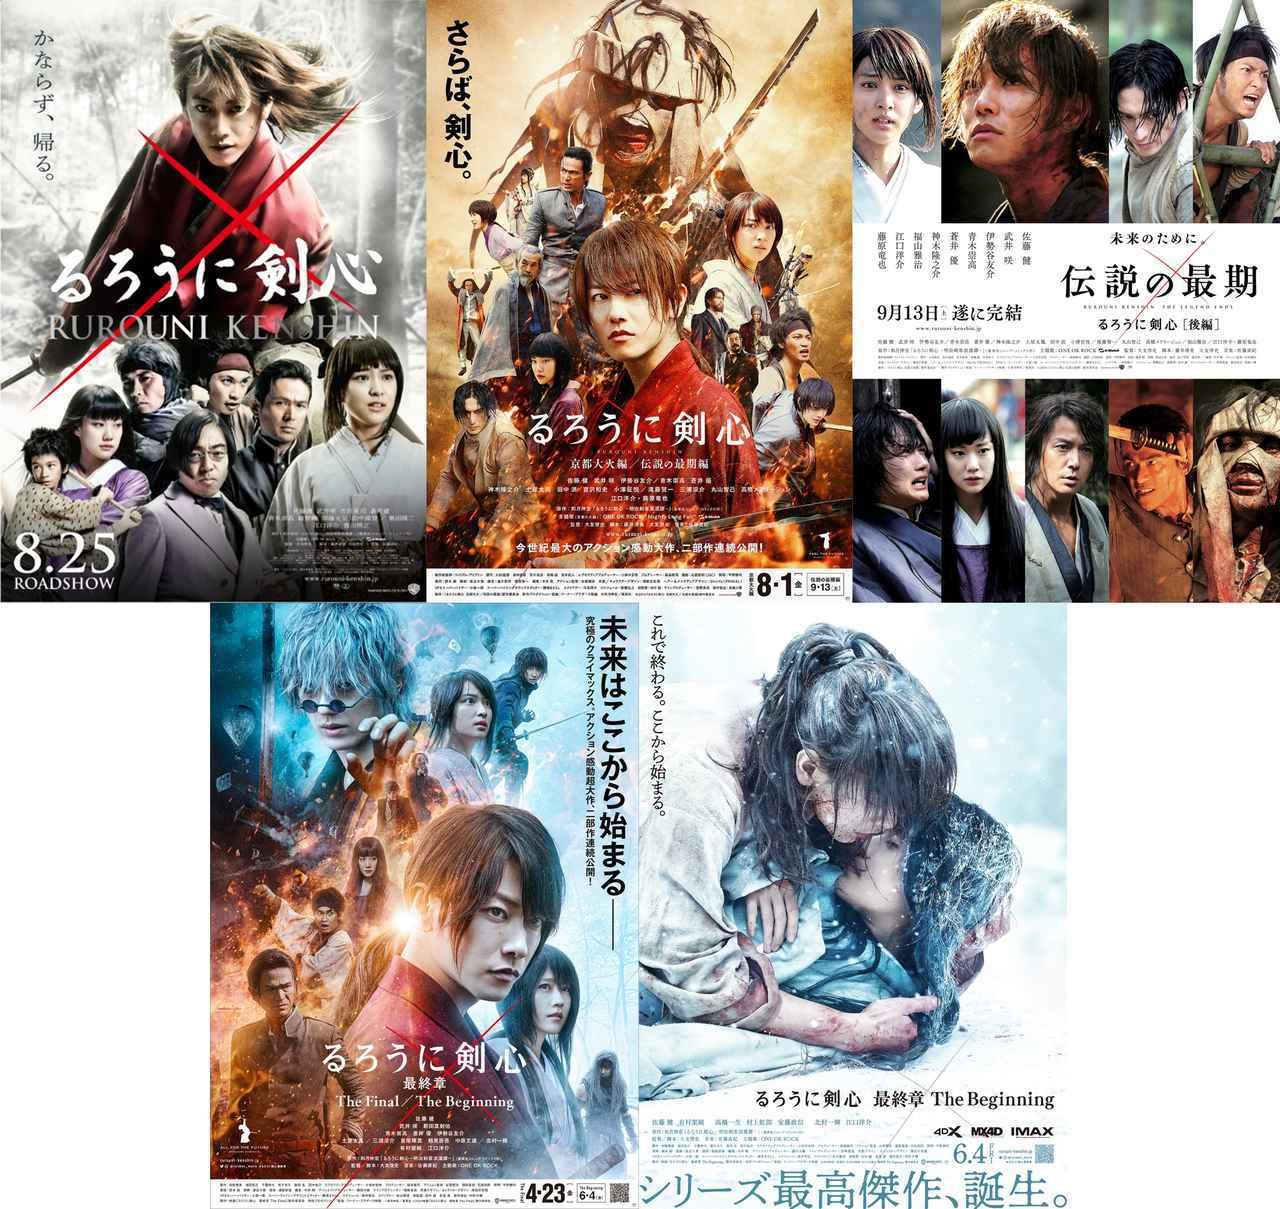 画像1: ©和月伸宏/ 集英社©2020映画「るろうに剣心 最終章The Beginning」製作委員会